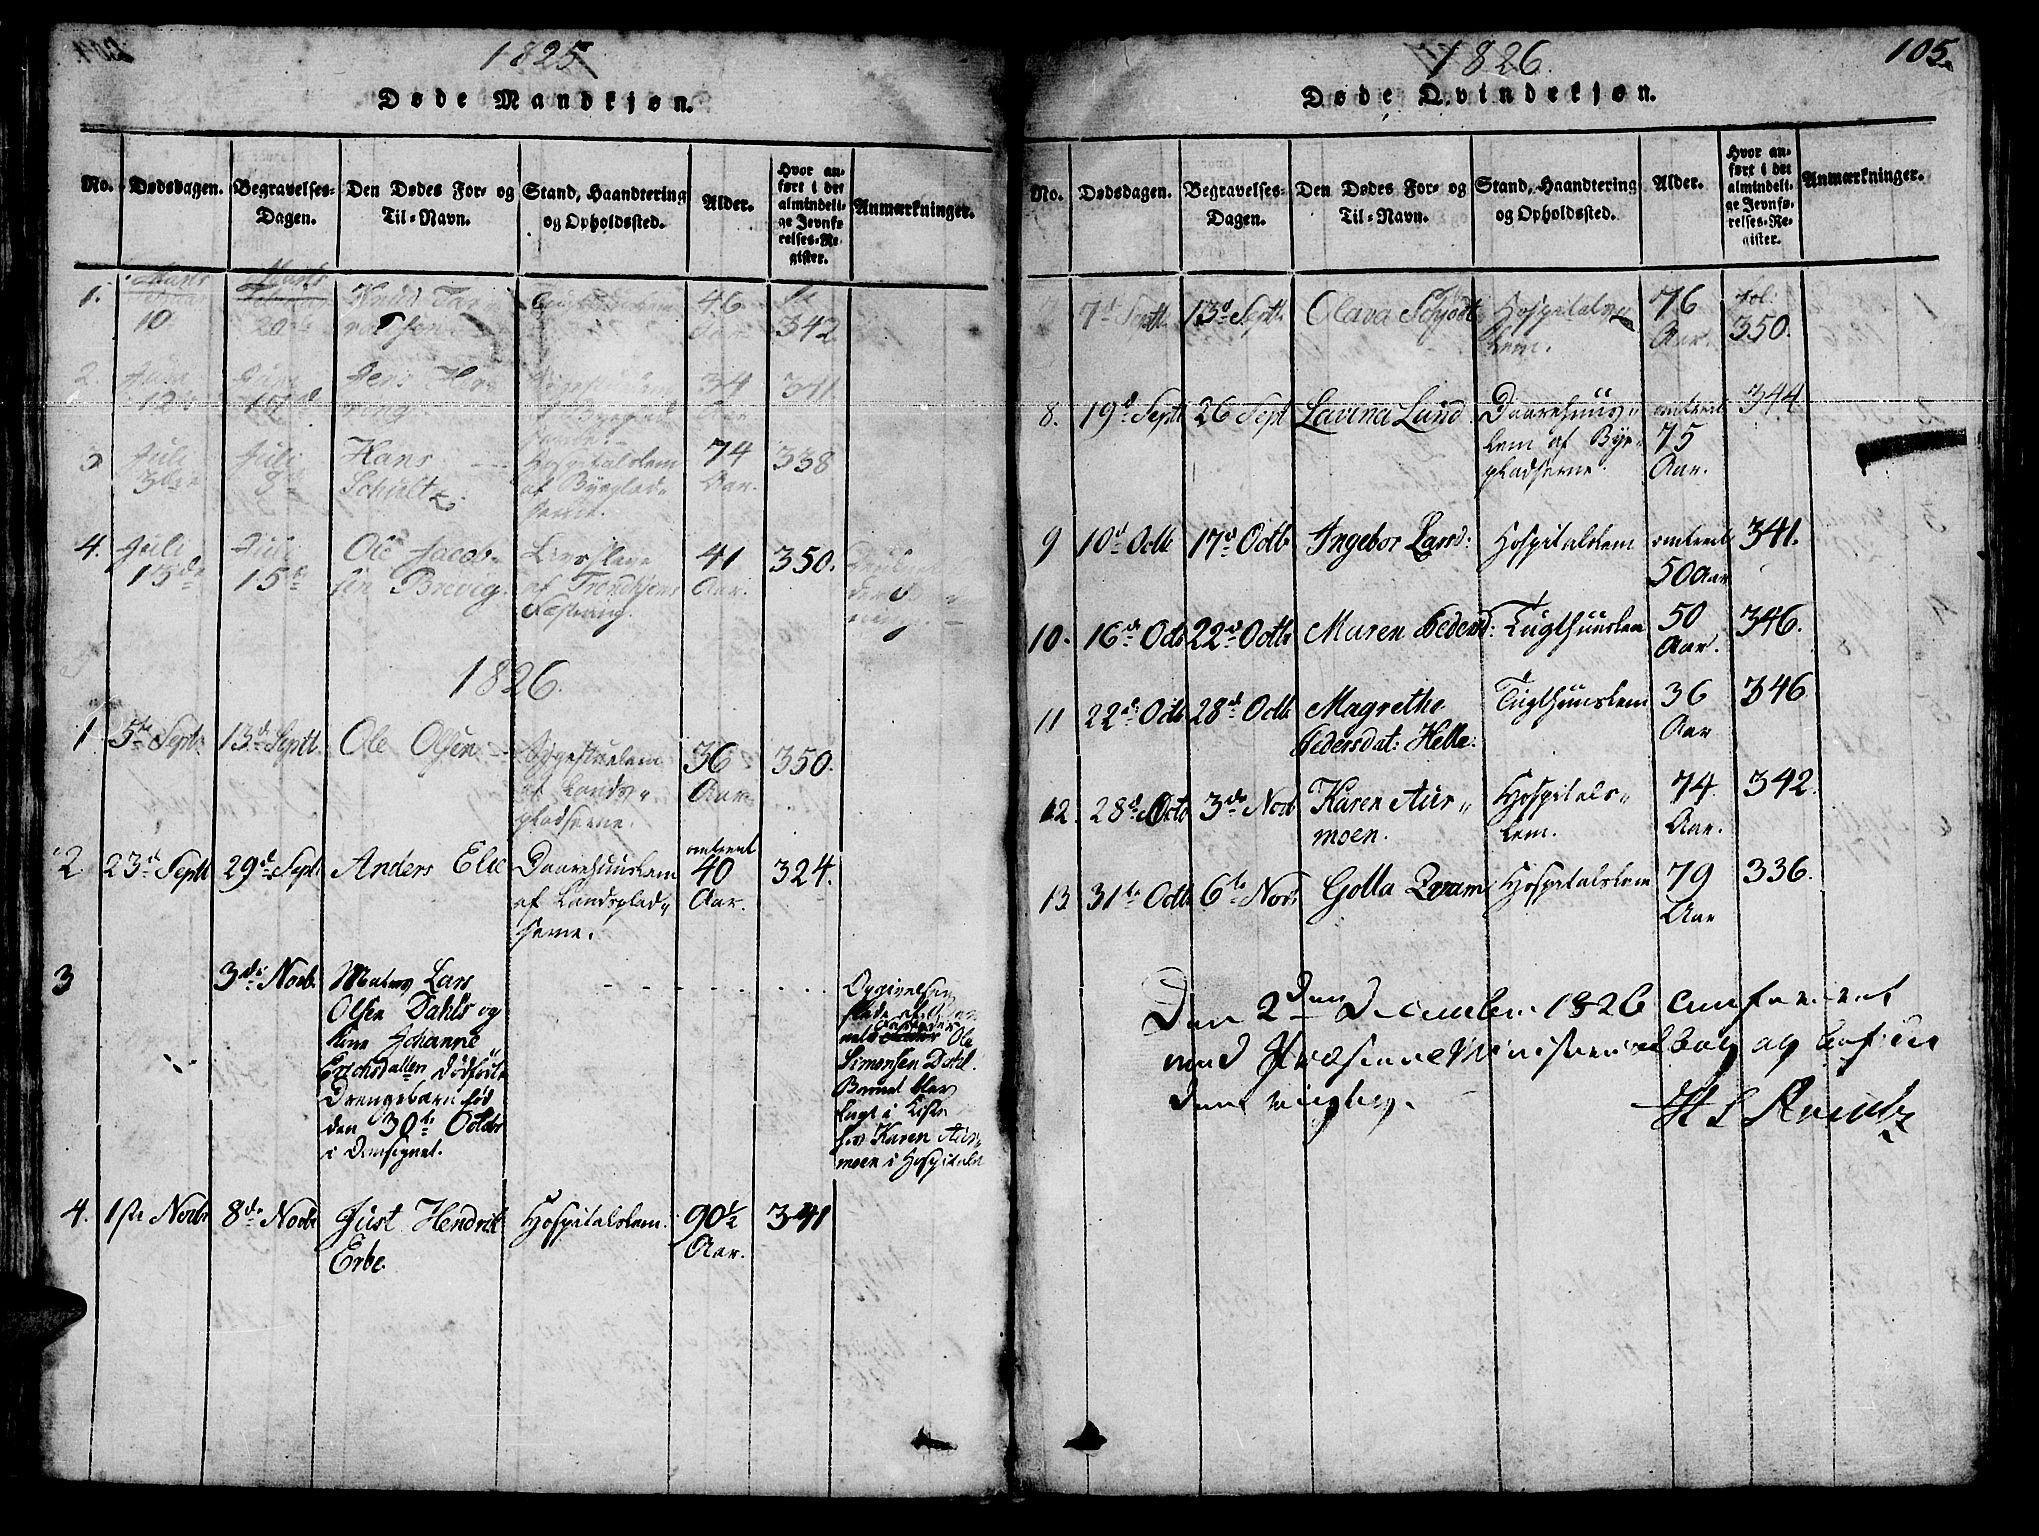 SAT, Ministerialprotokoller, klokkerbøker og fødselsregistre - Sør-Trøndelag, 623/L0478: Klokkerbok nr. 623C01, 1815-1873, s. 105